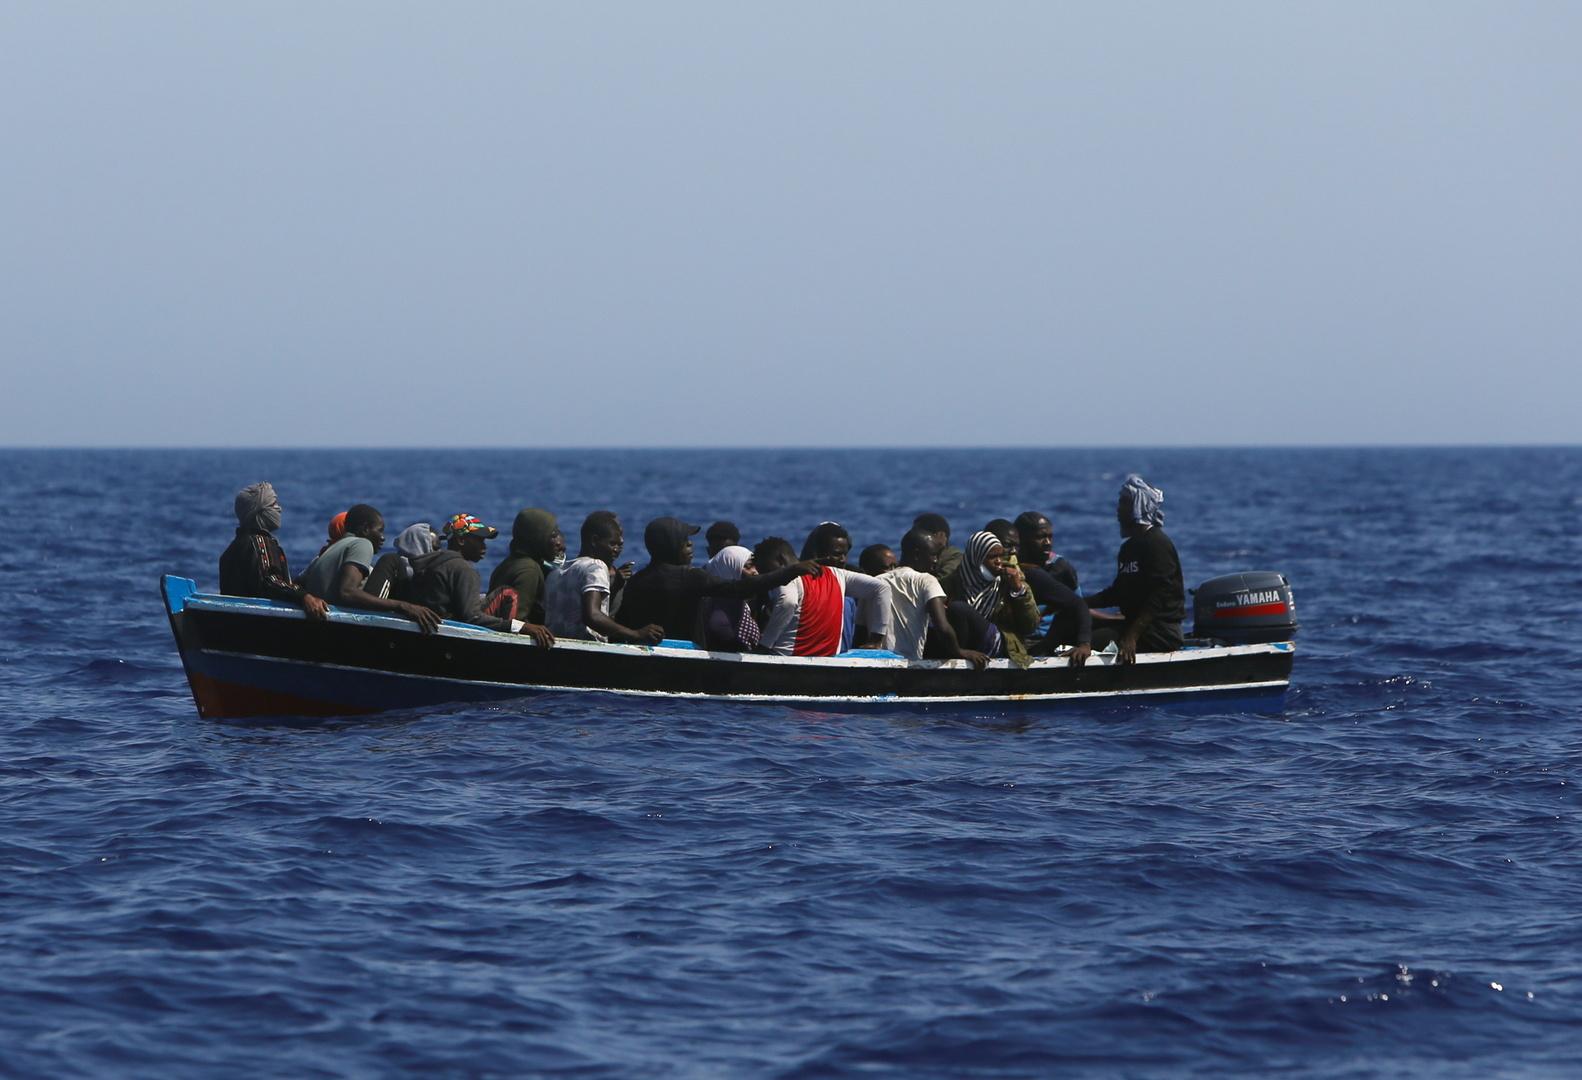 إسبانيا: مخاوف من وفاة أكثر من 50 شخصا جراء غرق قارب مهاجرين في المحيط الأطلسي